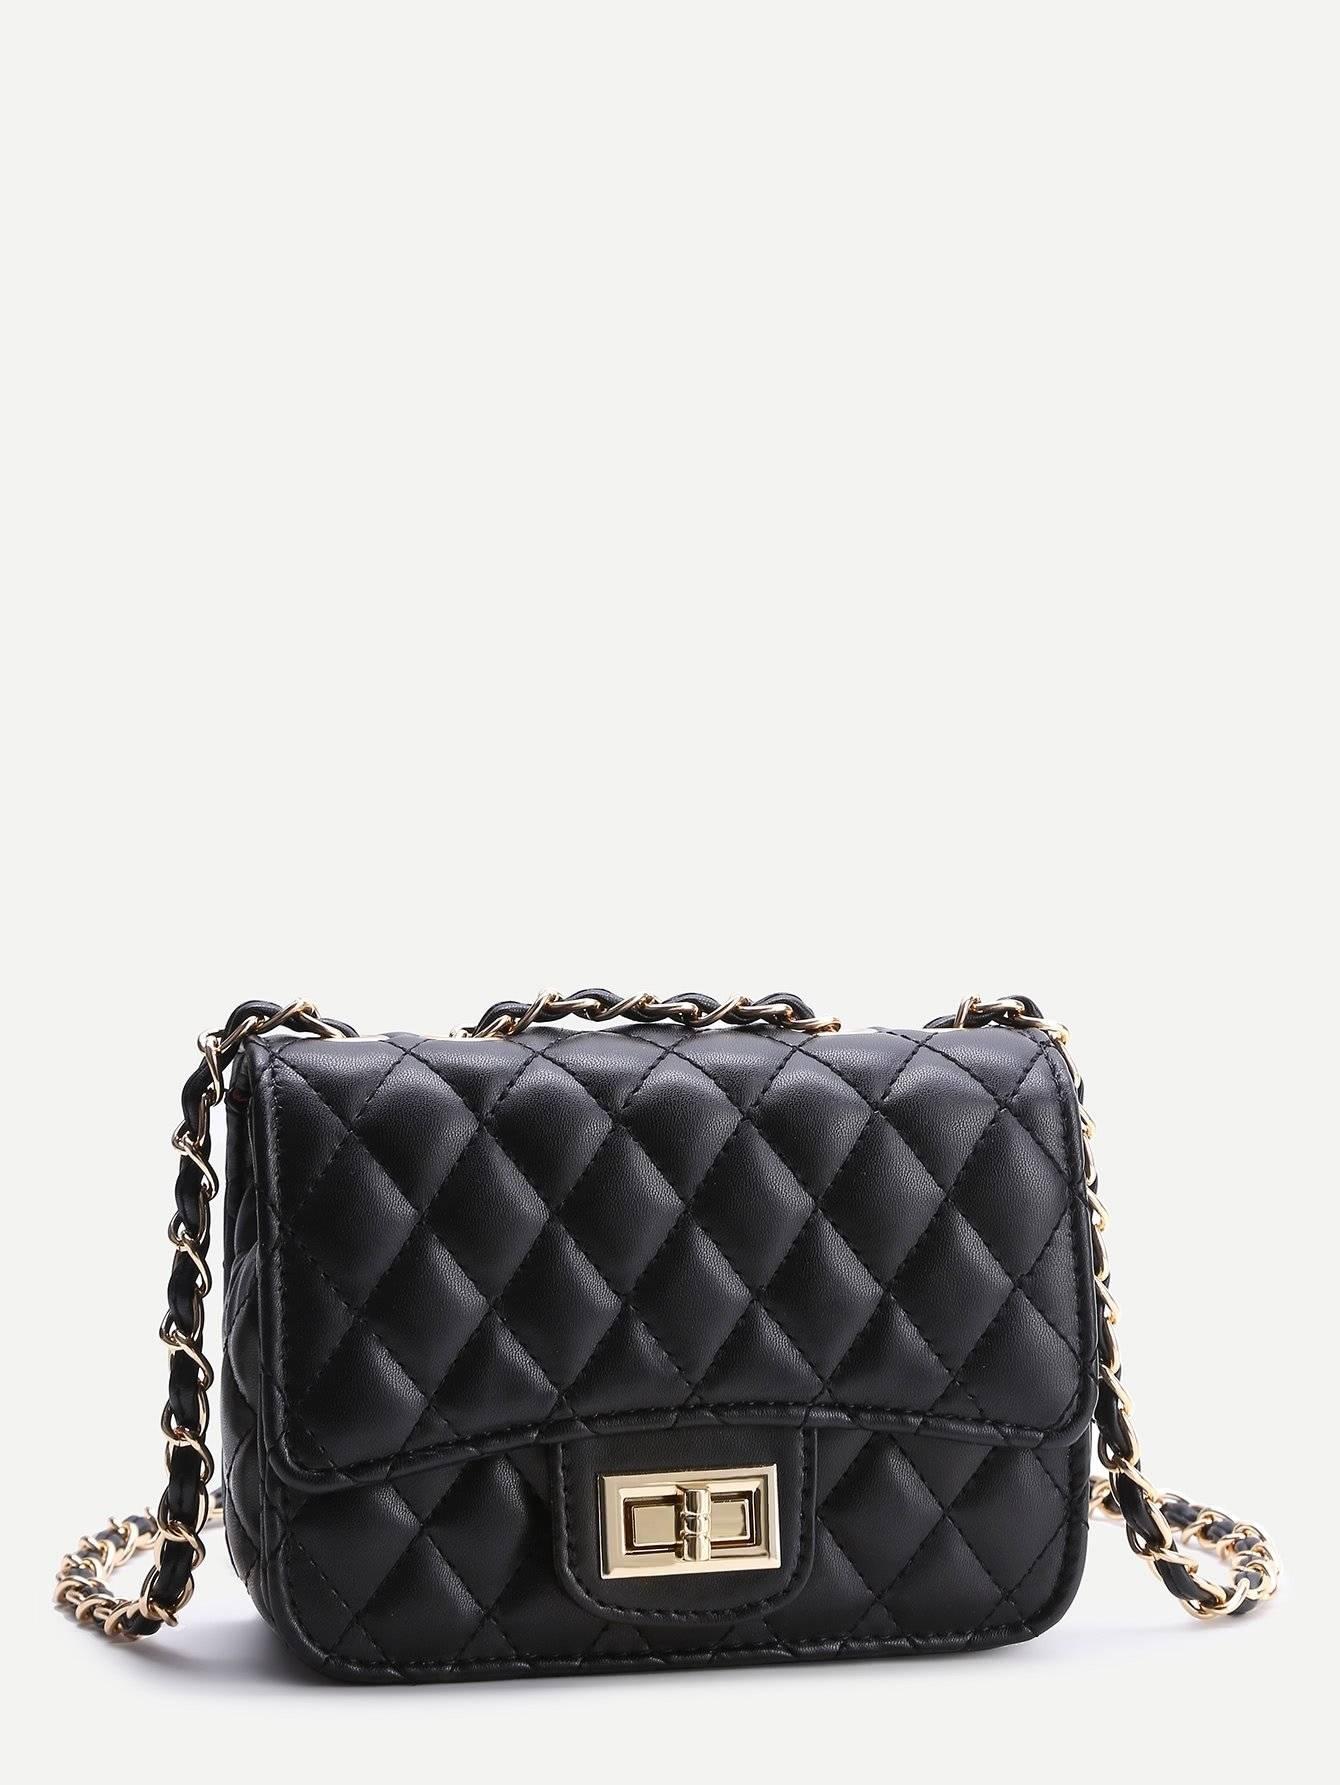 حقيبة نسوية أزياء سوداء مع السلسة-7